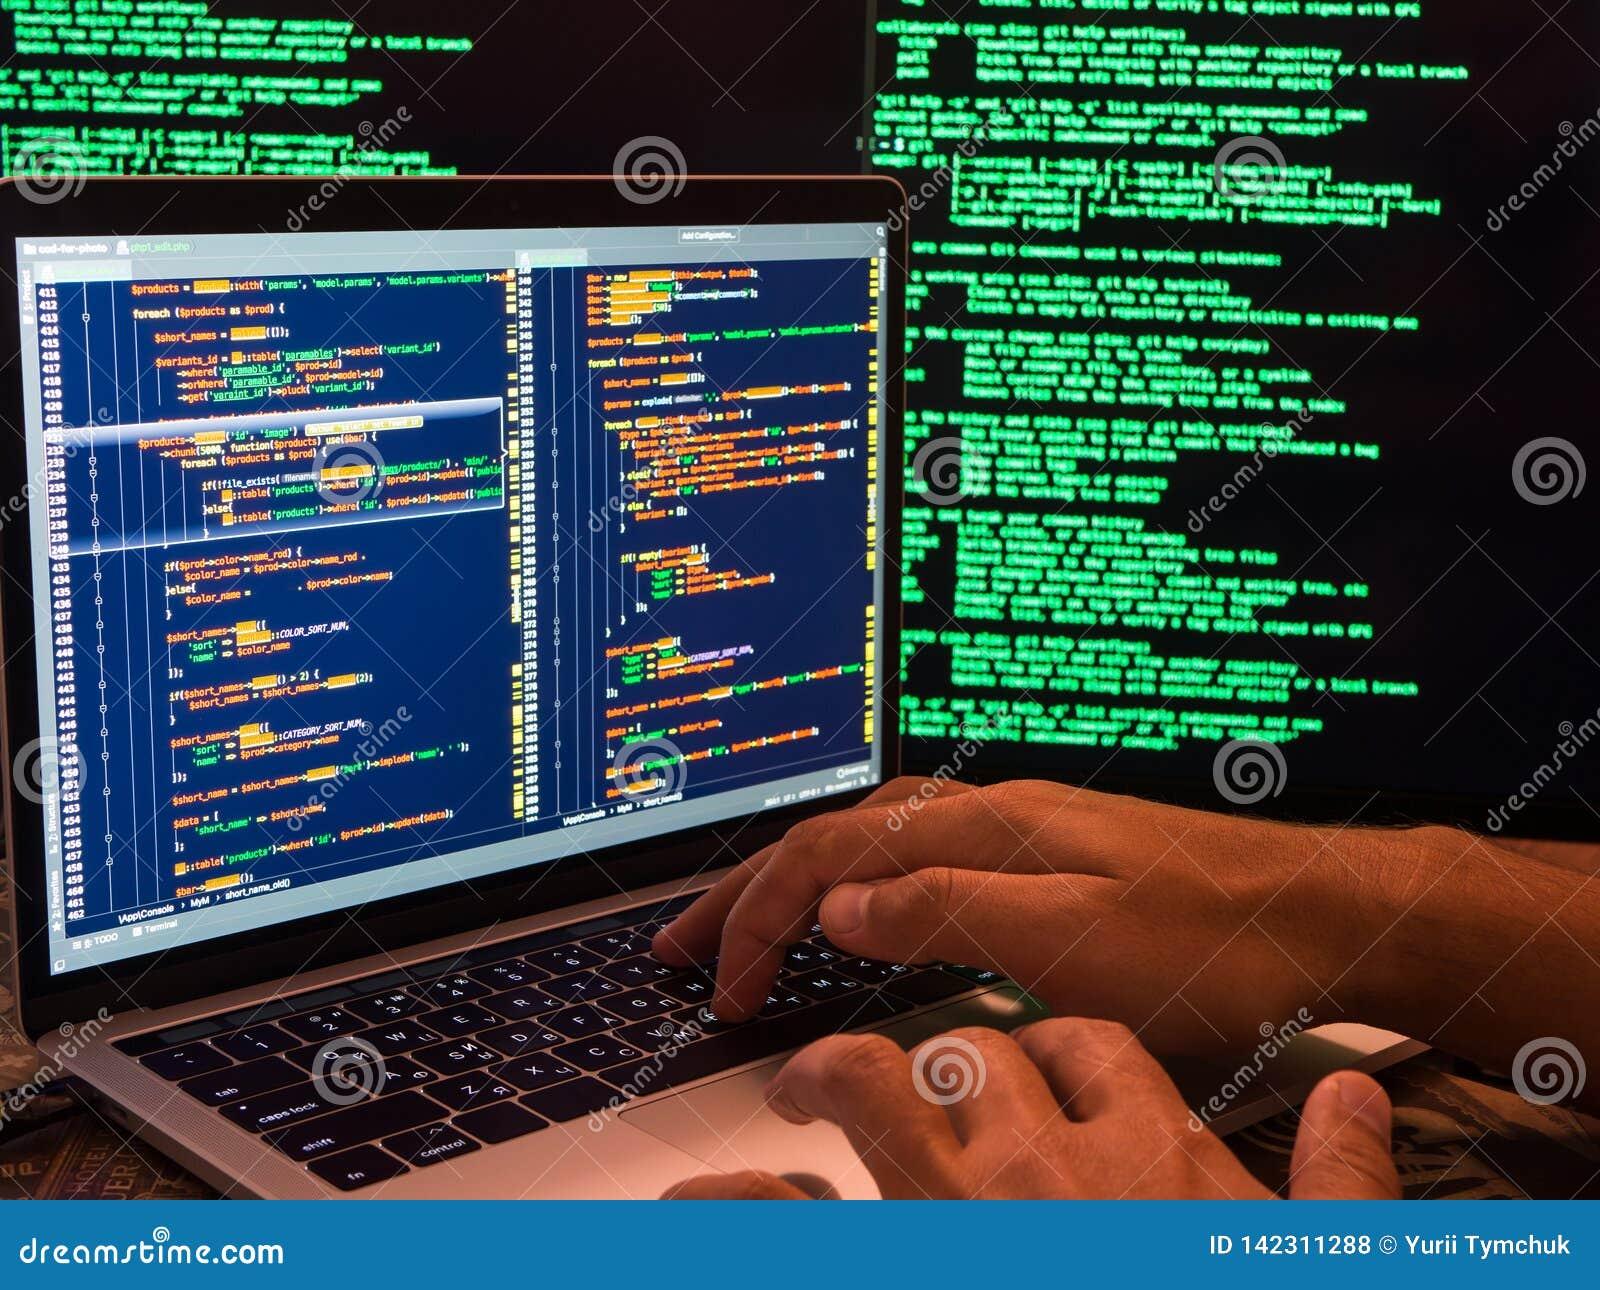 Hacker que rompe o sistema seguro no Cyberspace usando o código ou o programa malicioso do vírus